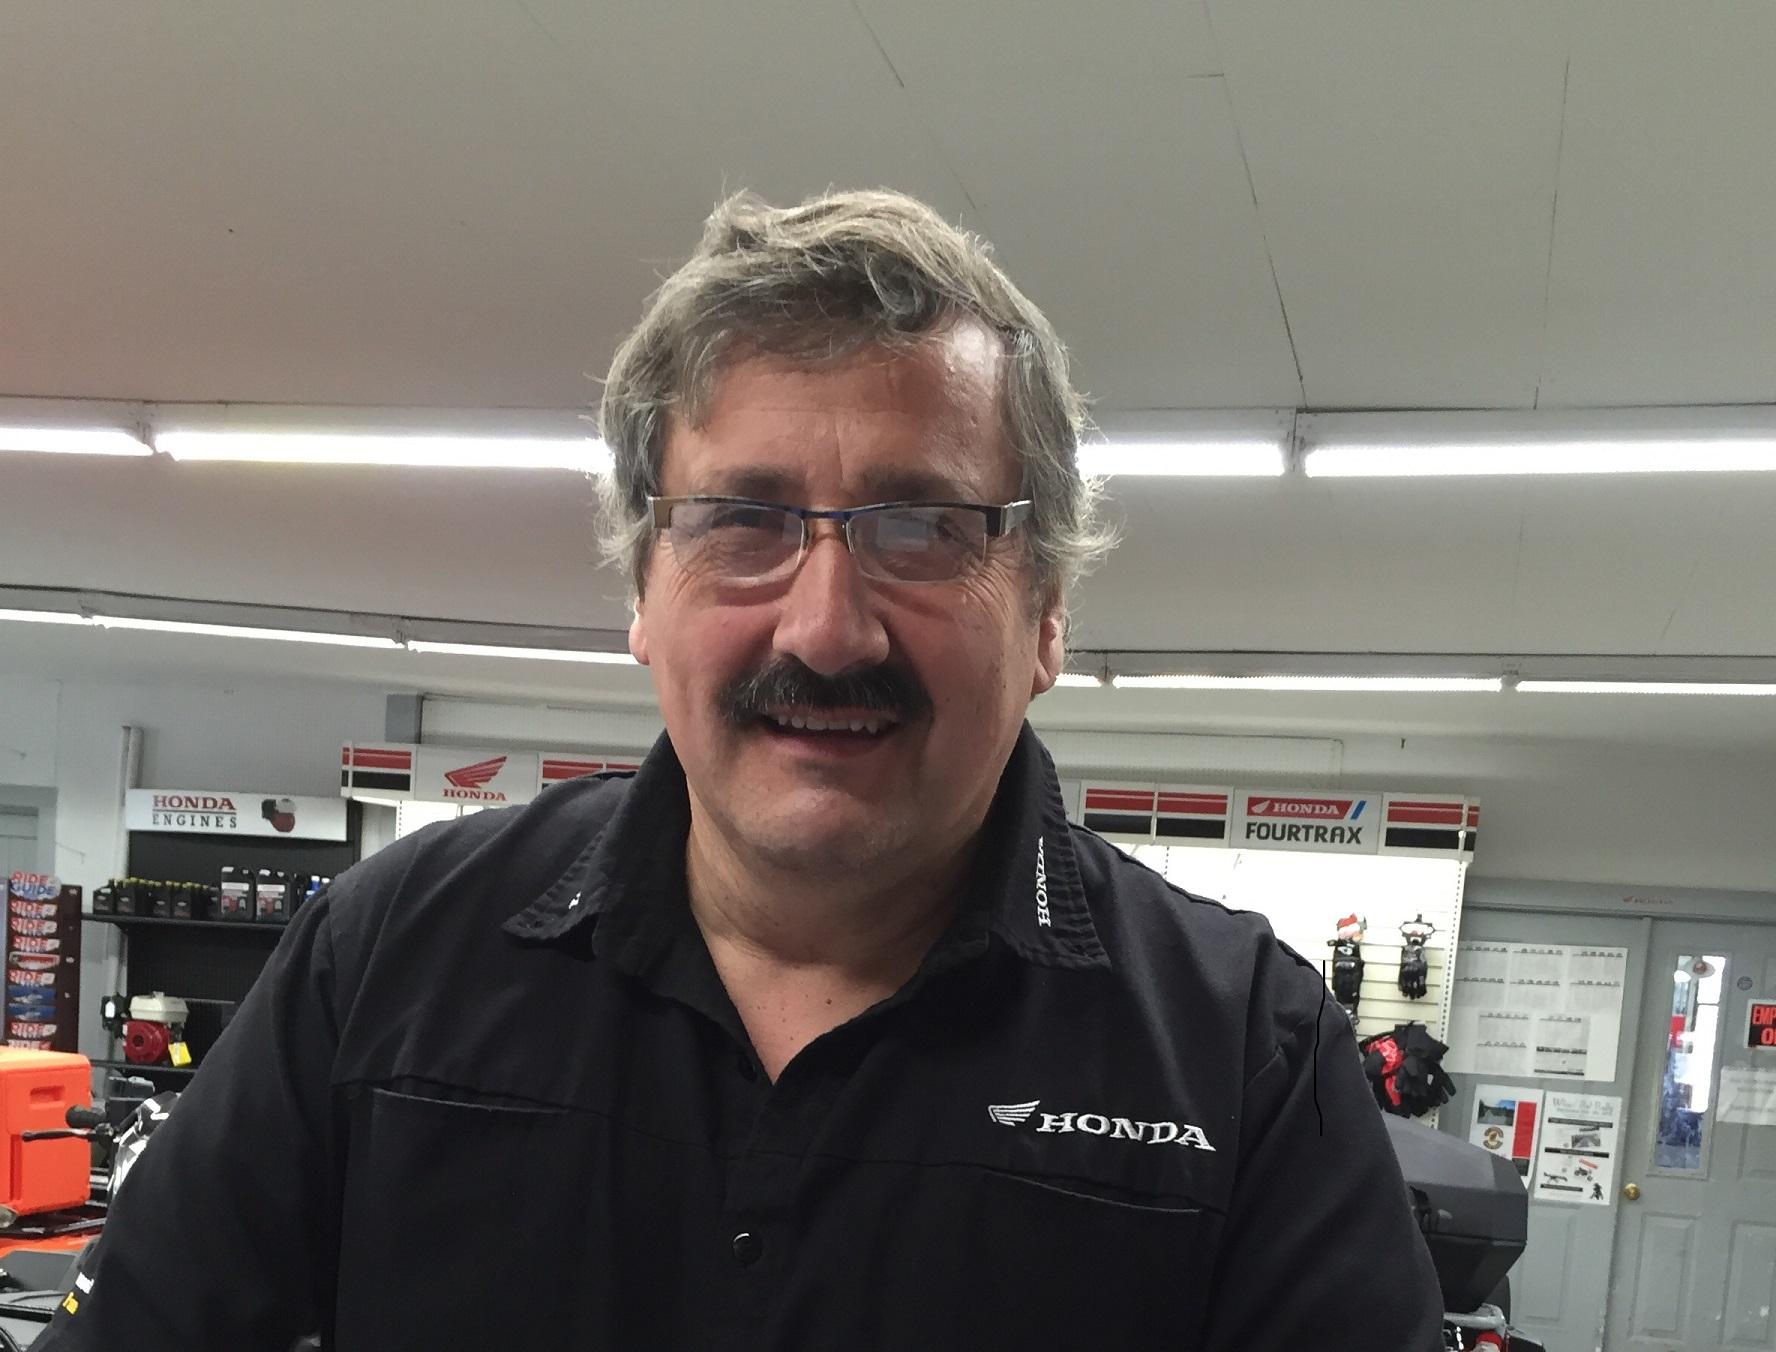 Daniel Comeau (Owner) Unit Sales & Financing